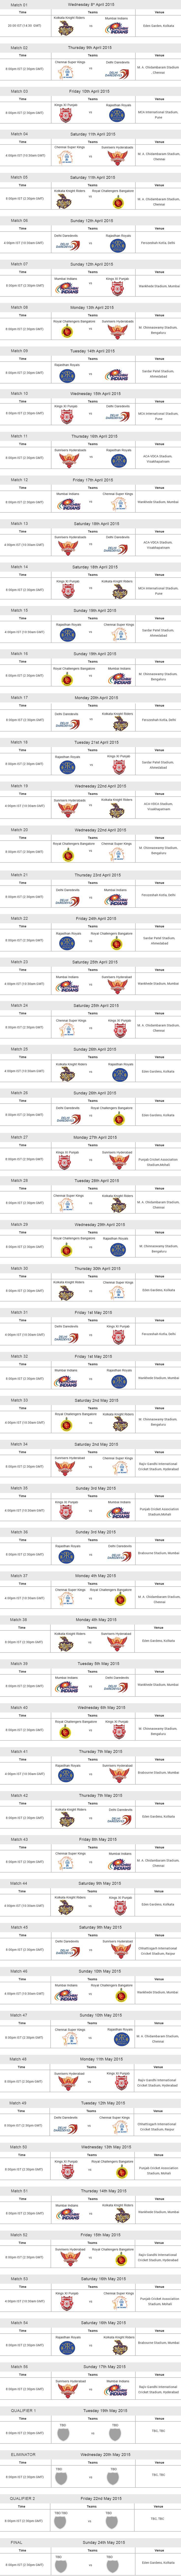 Die besten 25+ Match schedule Ideen auf Pinterest   Welt rugby ...